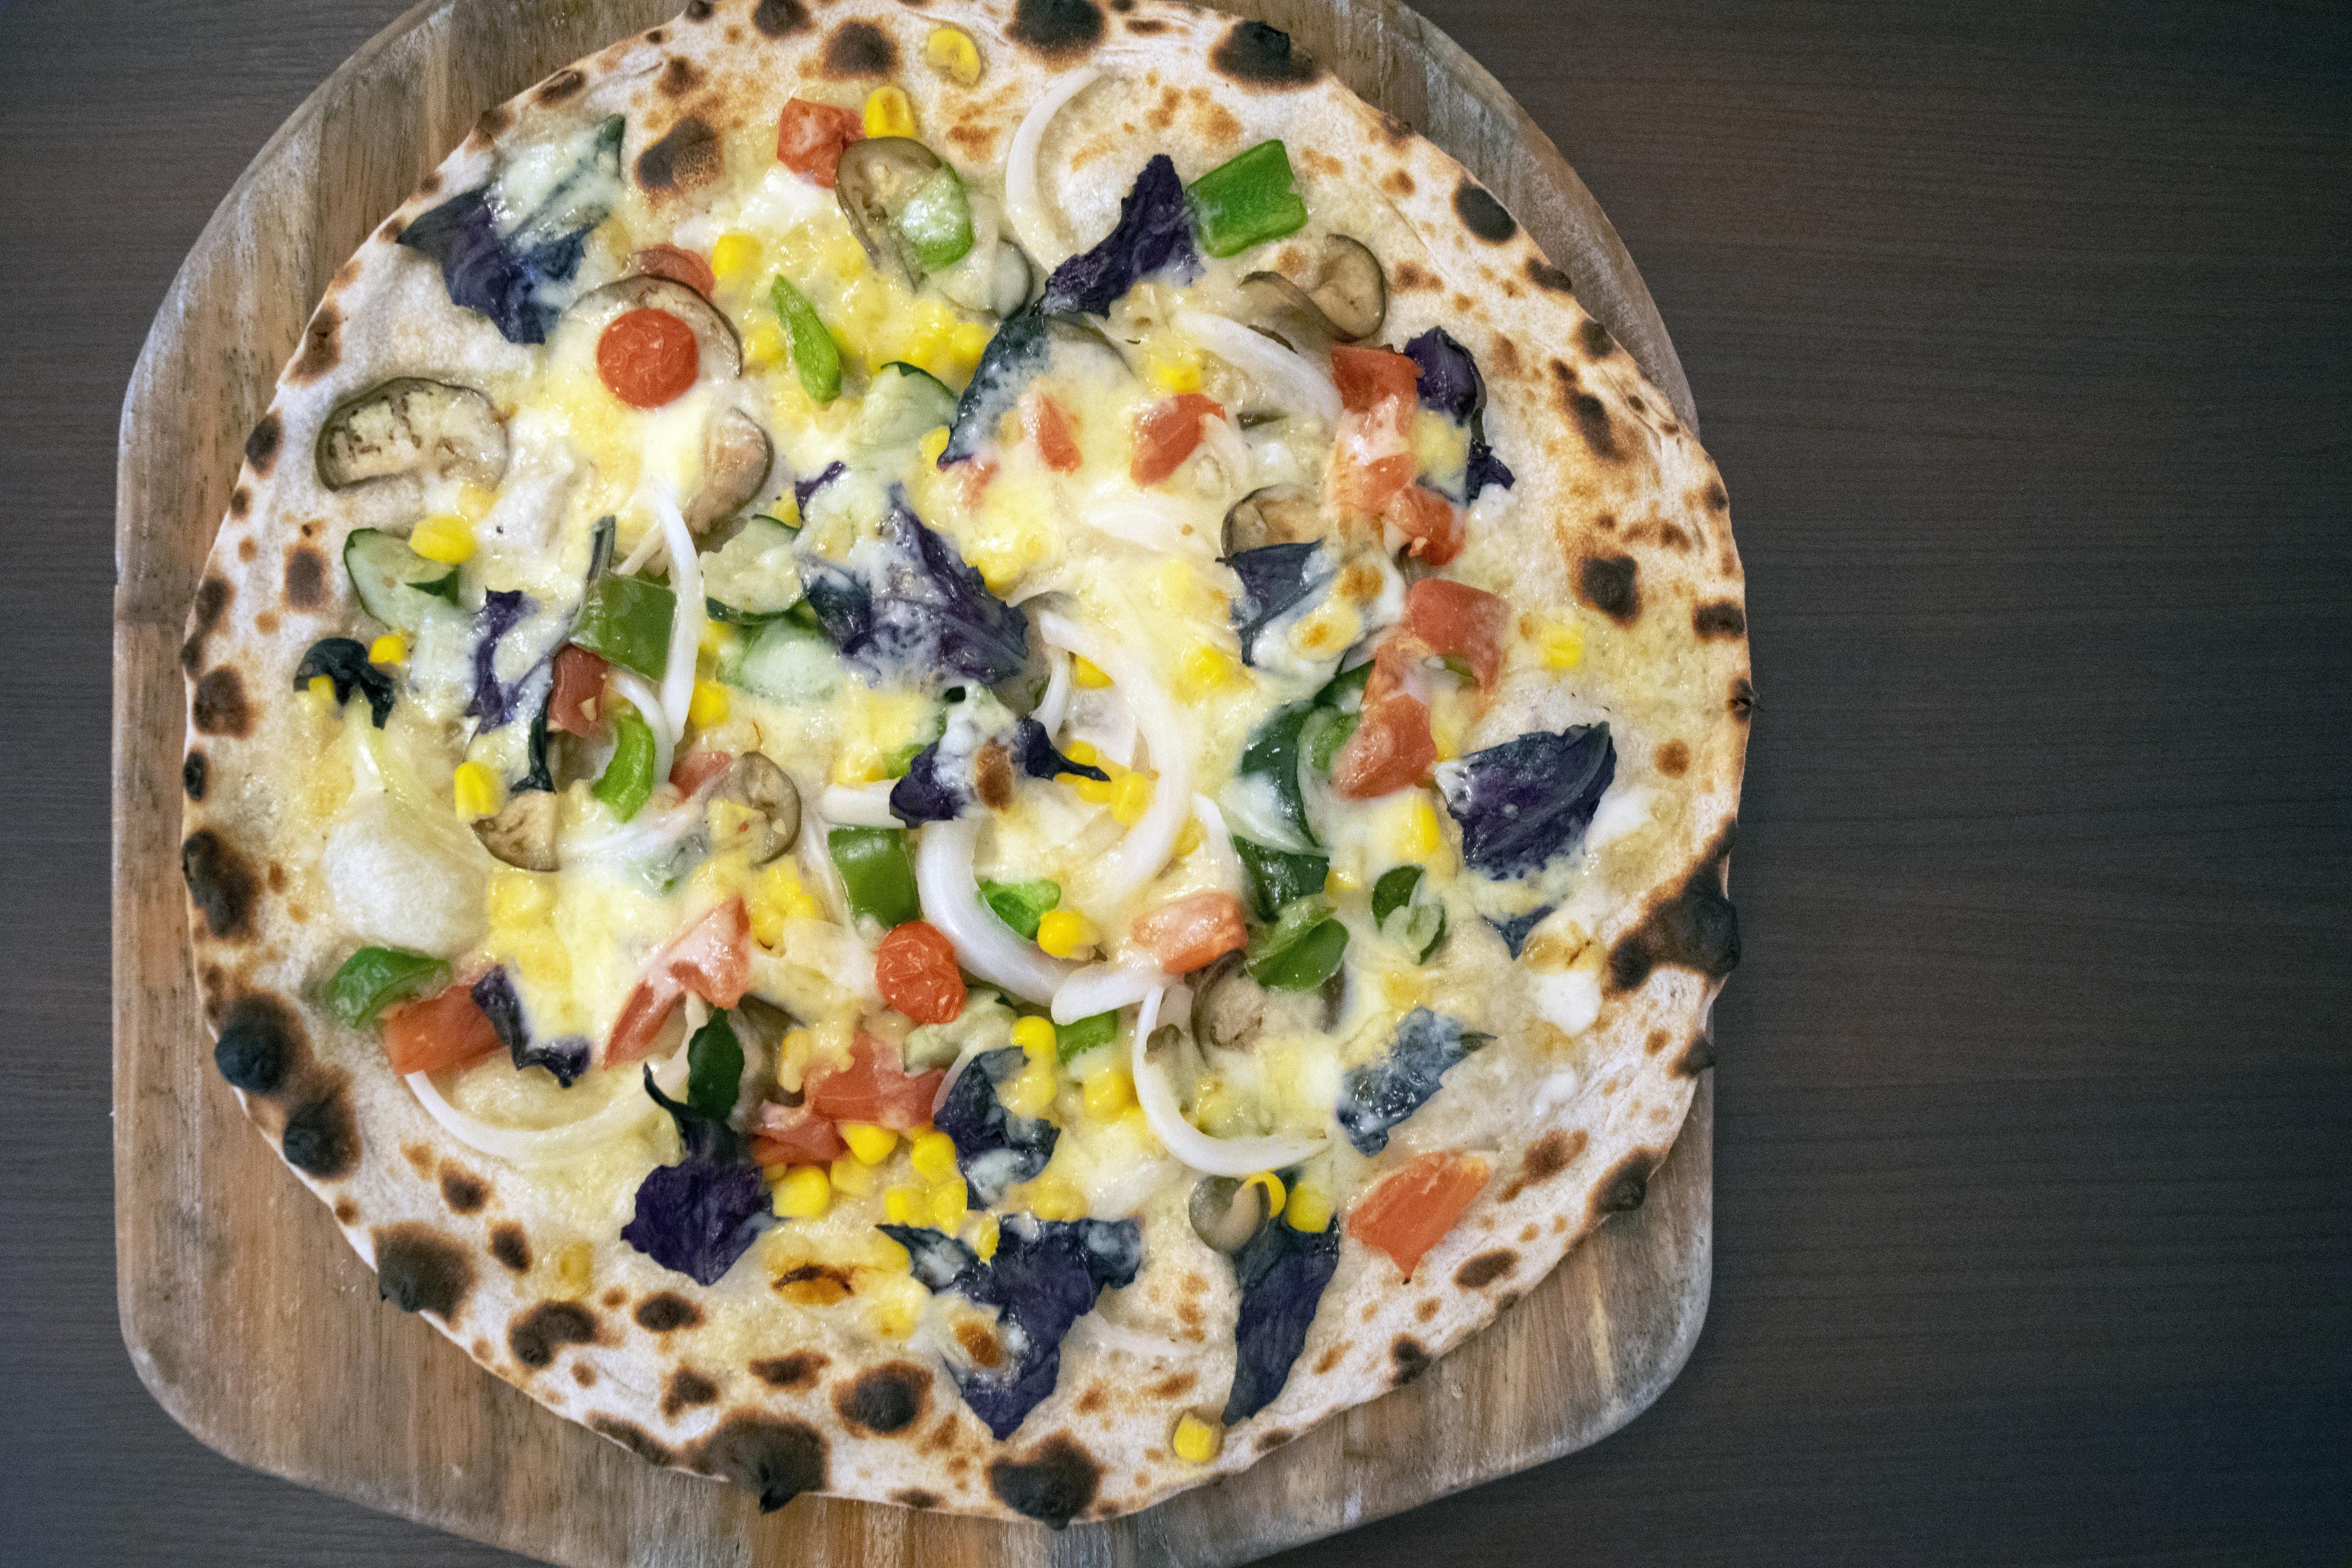 【現地払い専用】野菜ピザのイメージその1